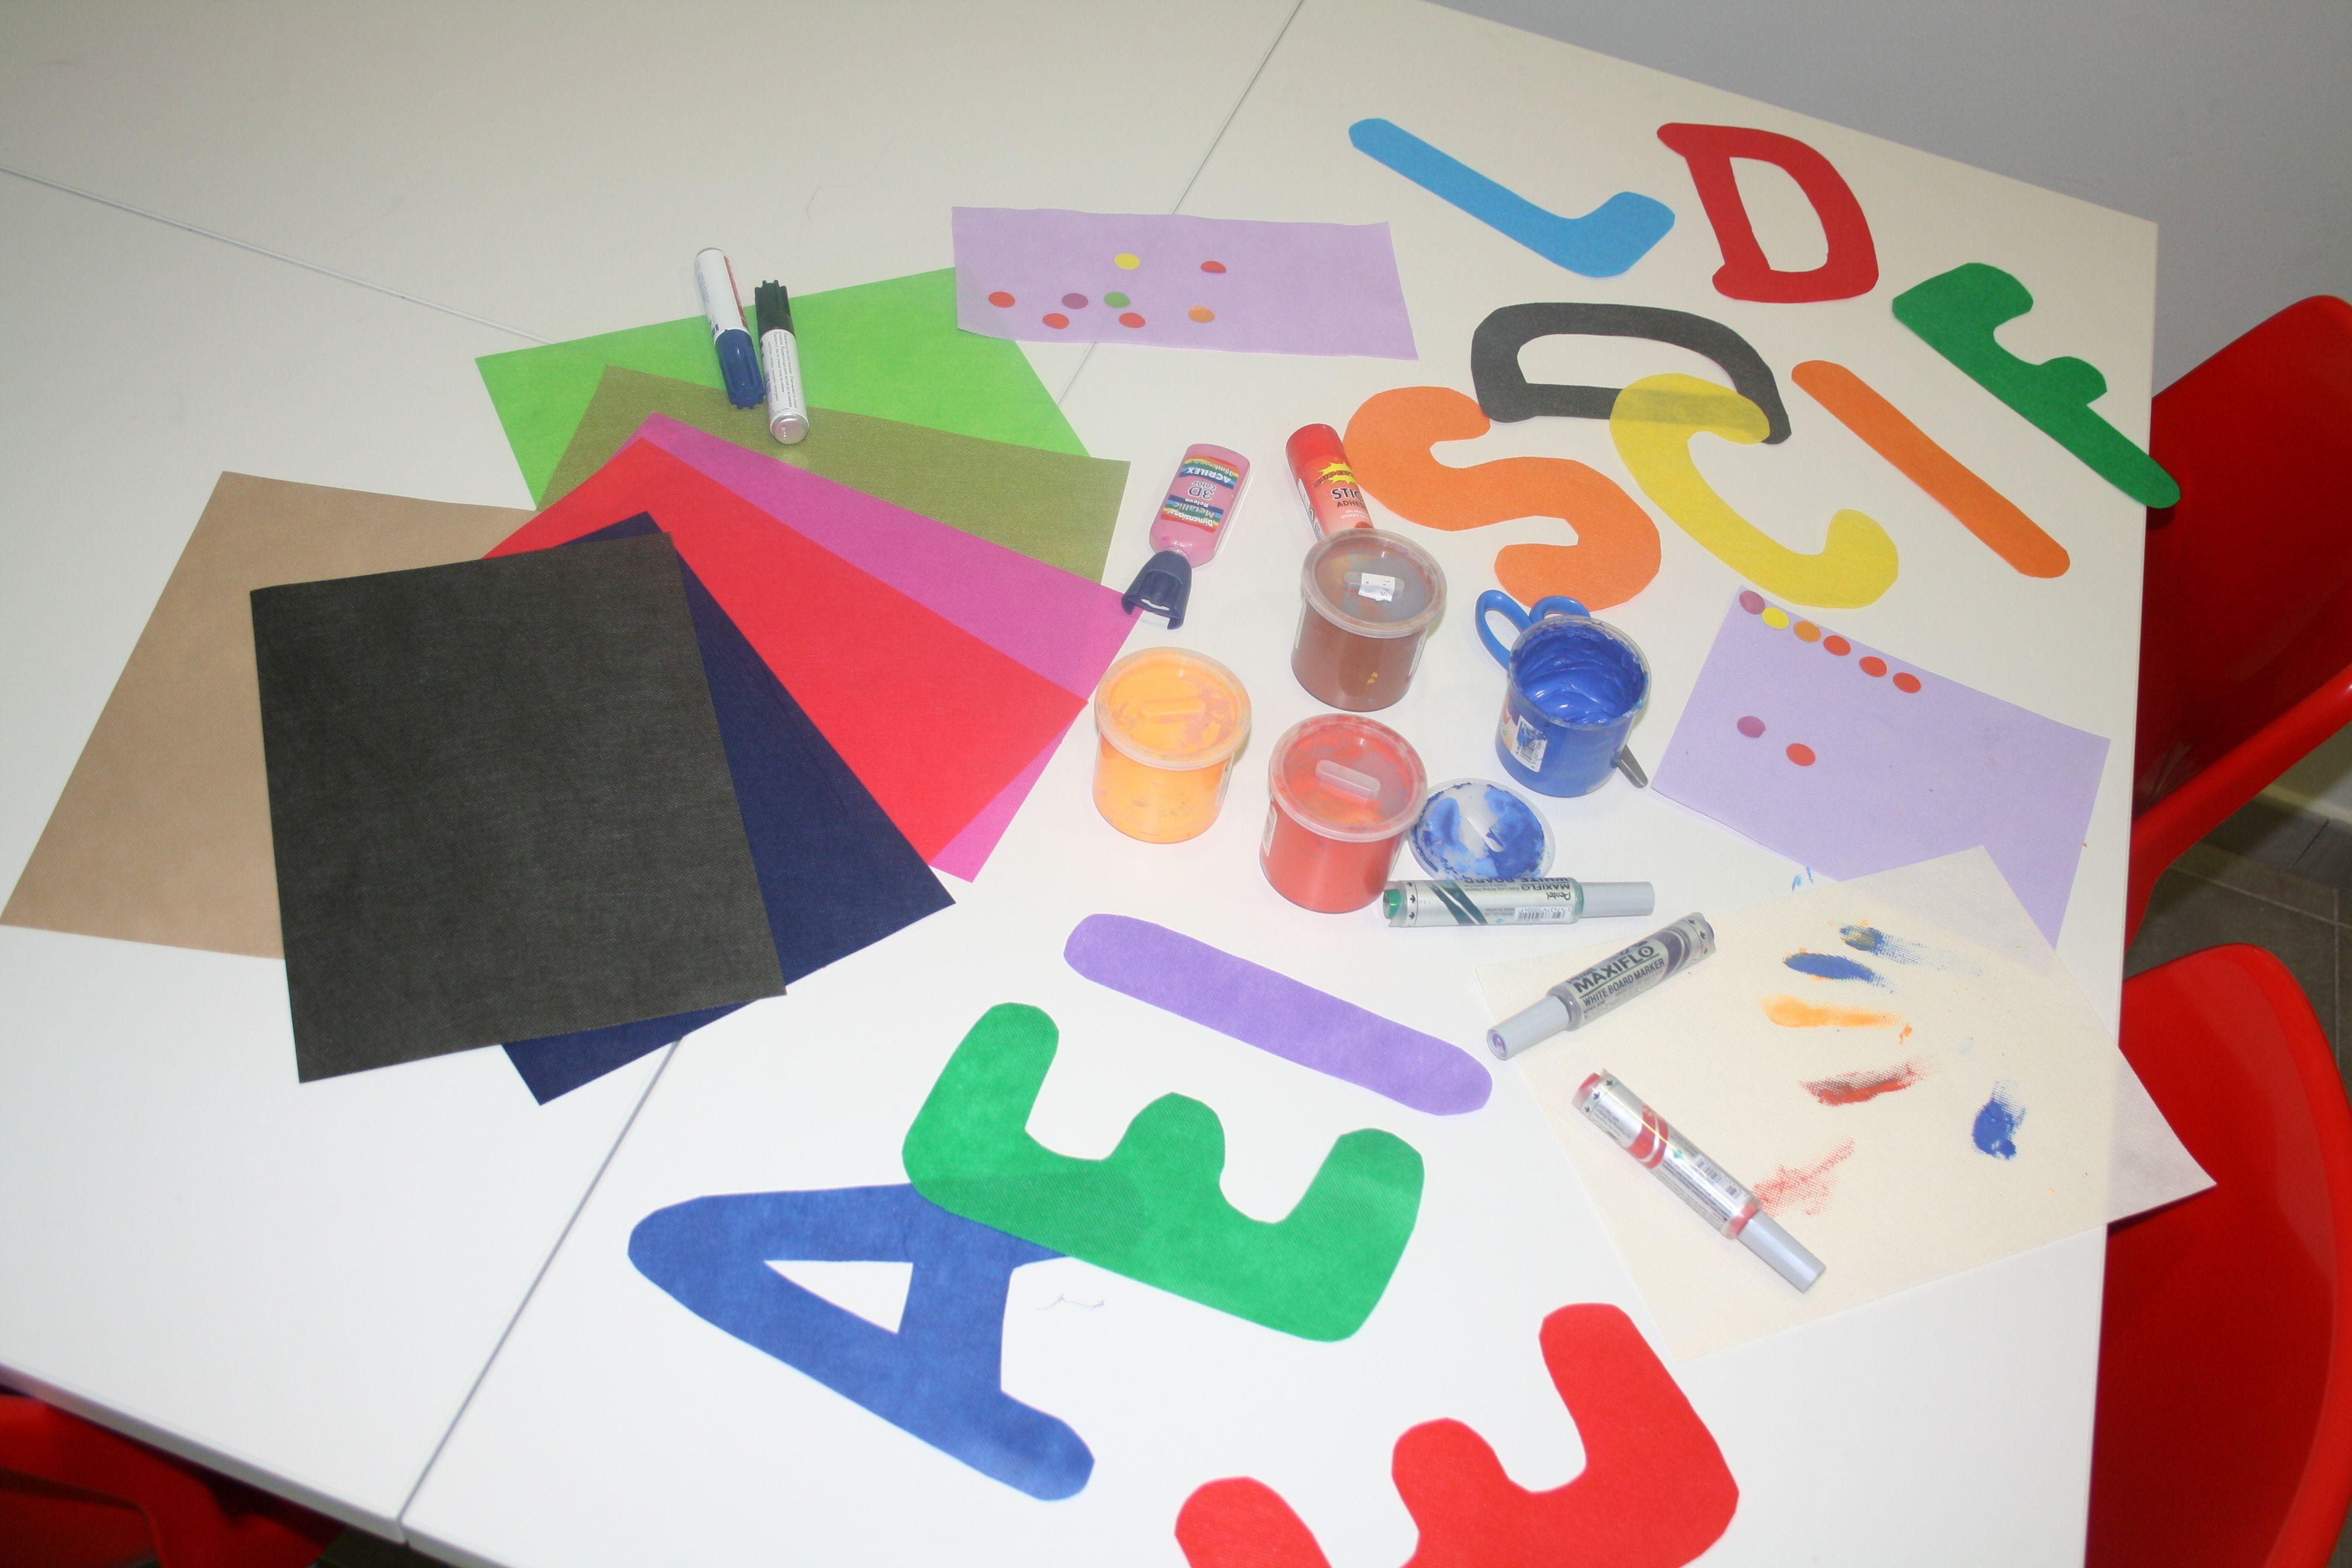 #MANUALIDADES Frases para desear un feliz cumpleaños, una bienvenida... Con tan solo un pack multicolor de formatos A3 de #Bondy, podrás realizar infinidad de mensajes en fiestas o en el colegio. #recortar letras #mediviertoconbondy www.dobondy.com